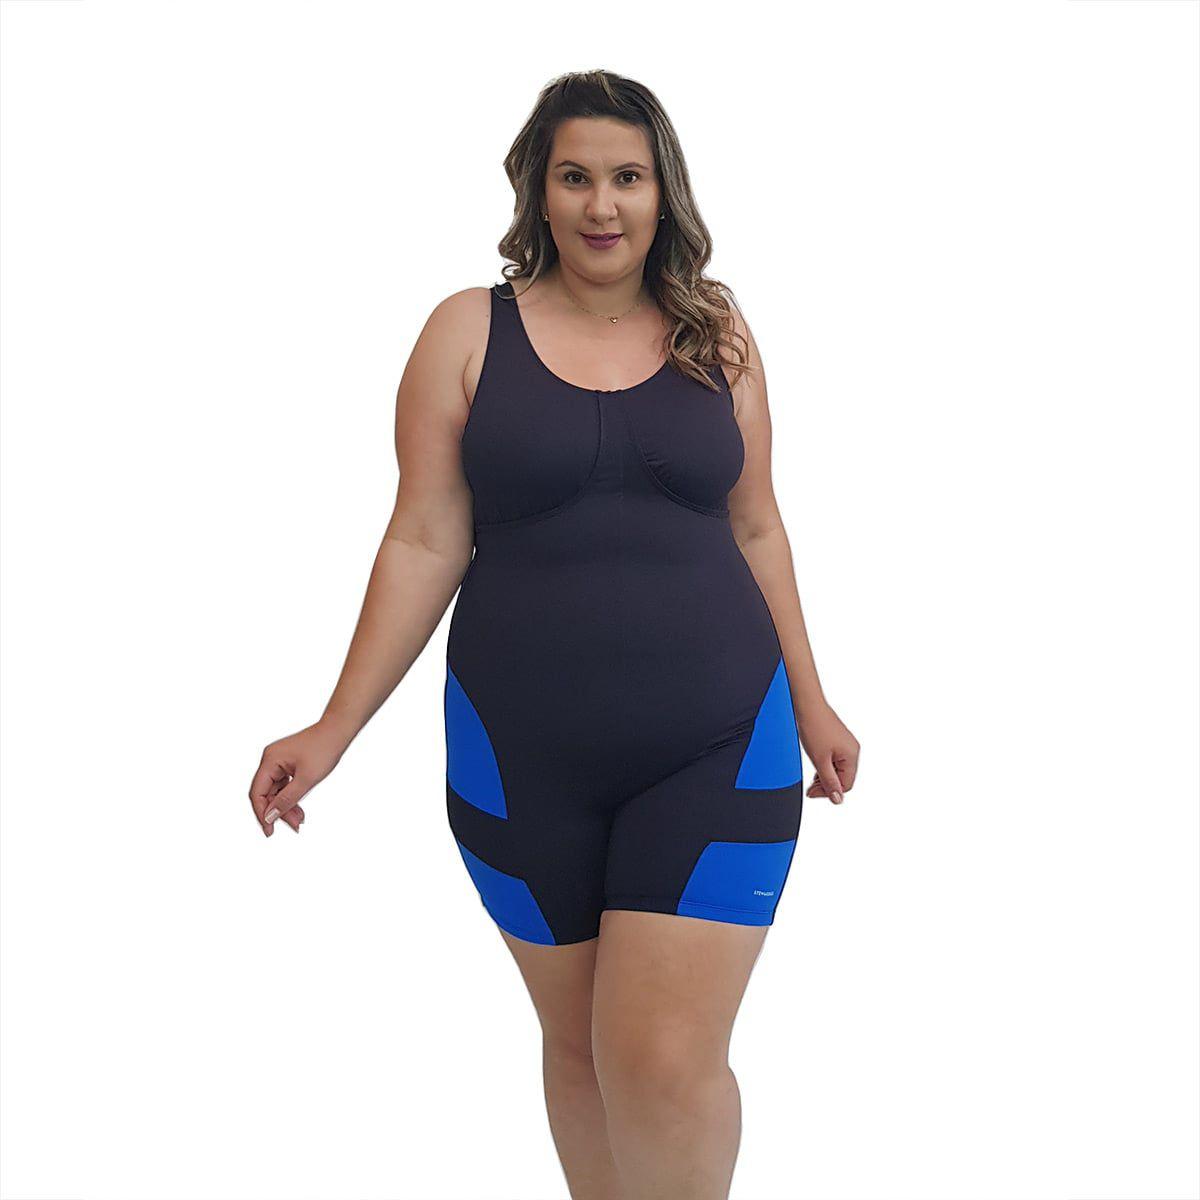 Macaquinho Natação Plus Size com Sustentação Light Preto com Detalhe em Azul Bic